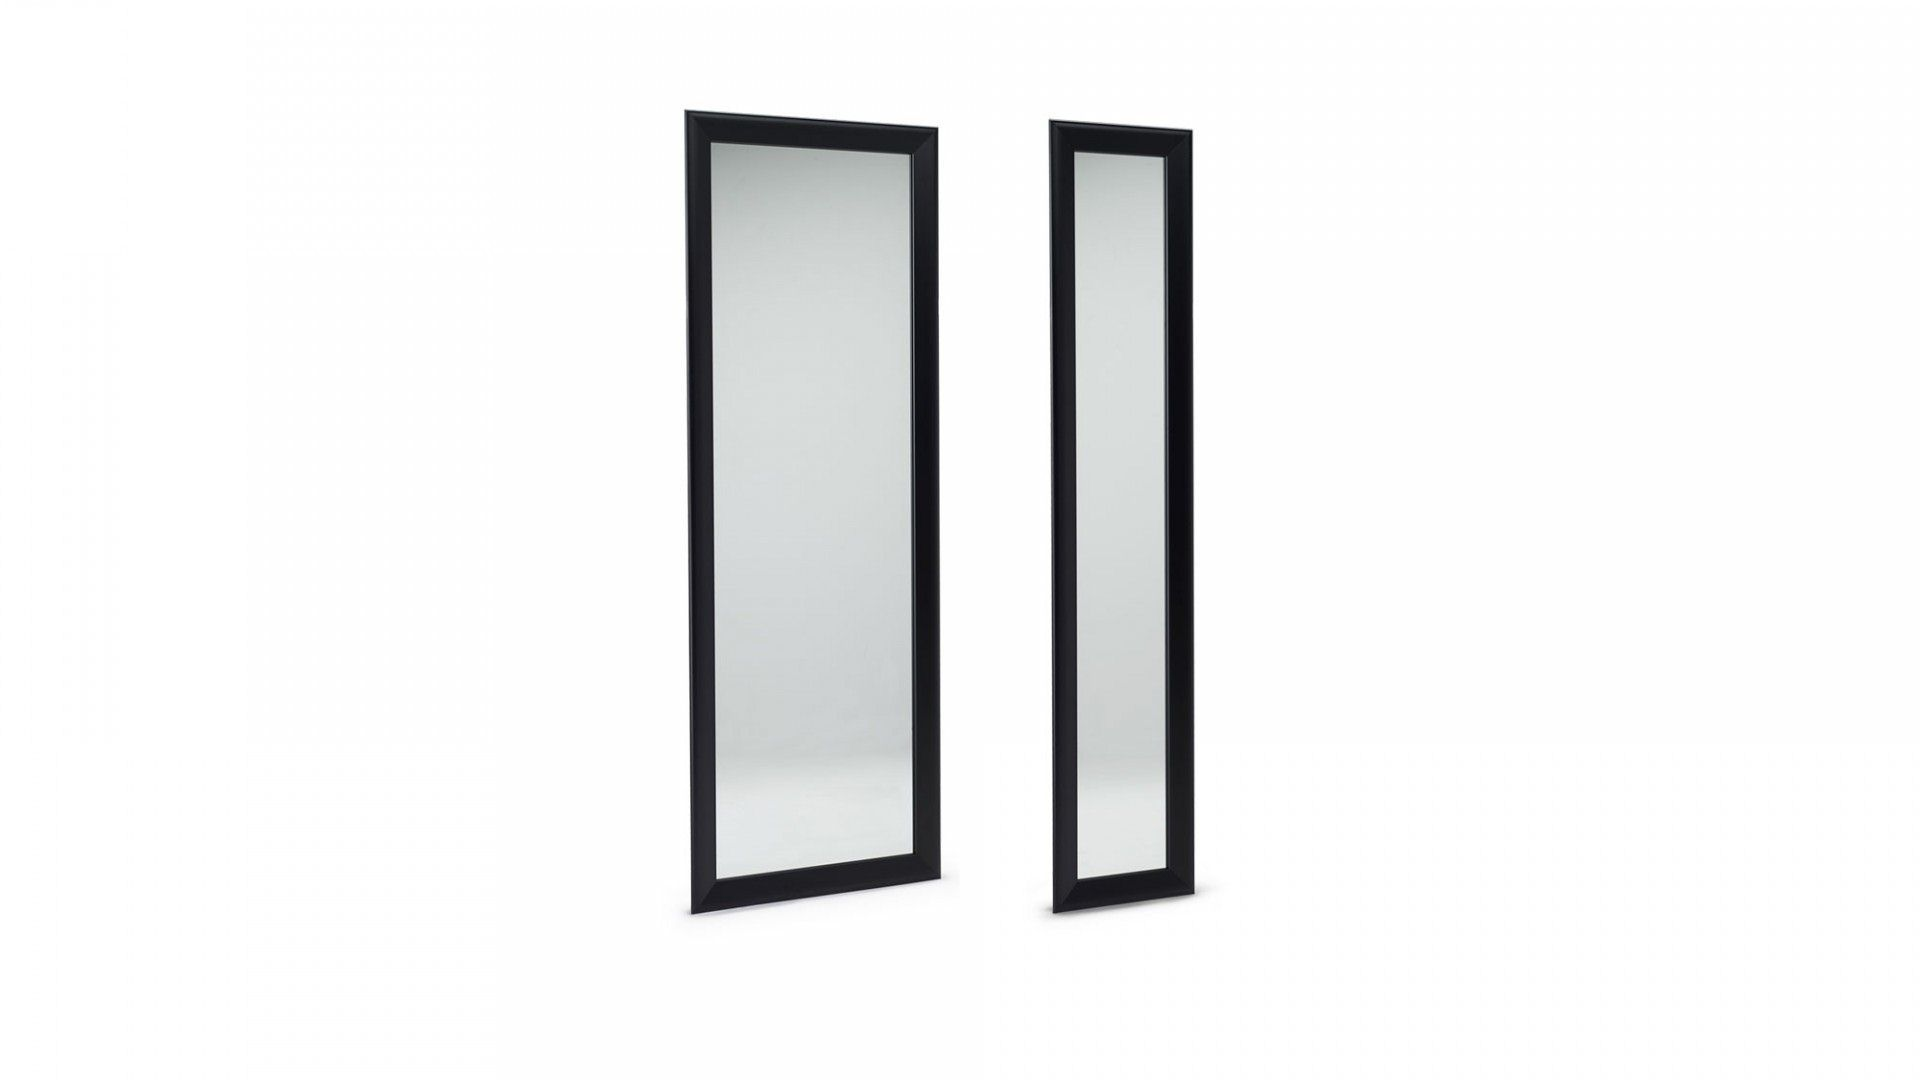 y004v0v-yume-specchio-grande-horm-scont2-1920x1080